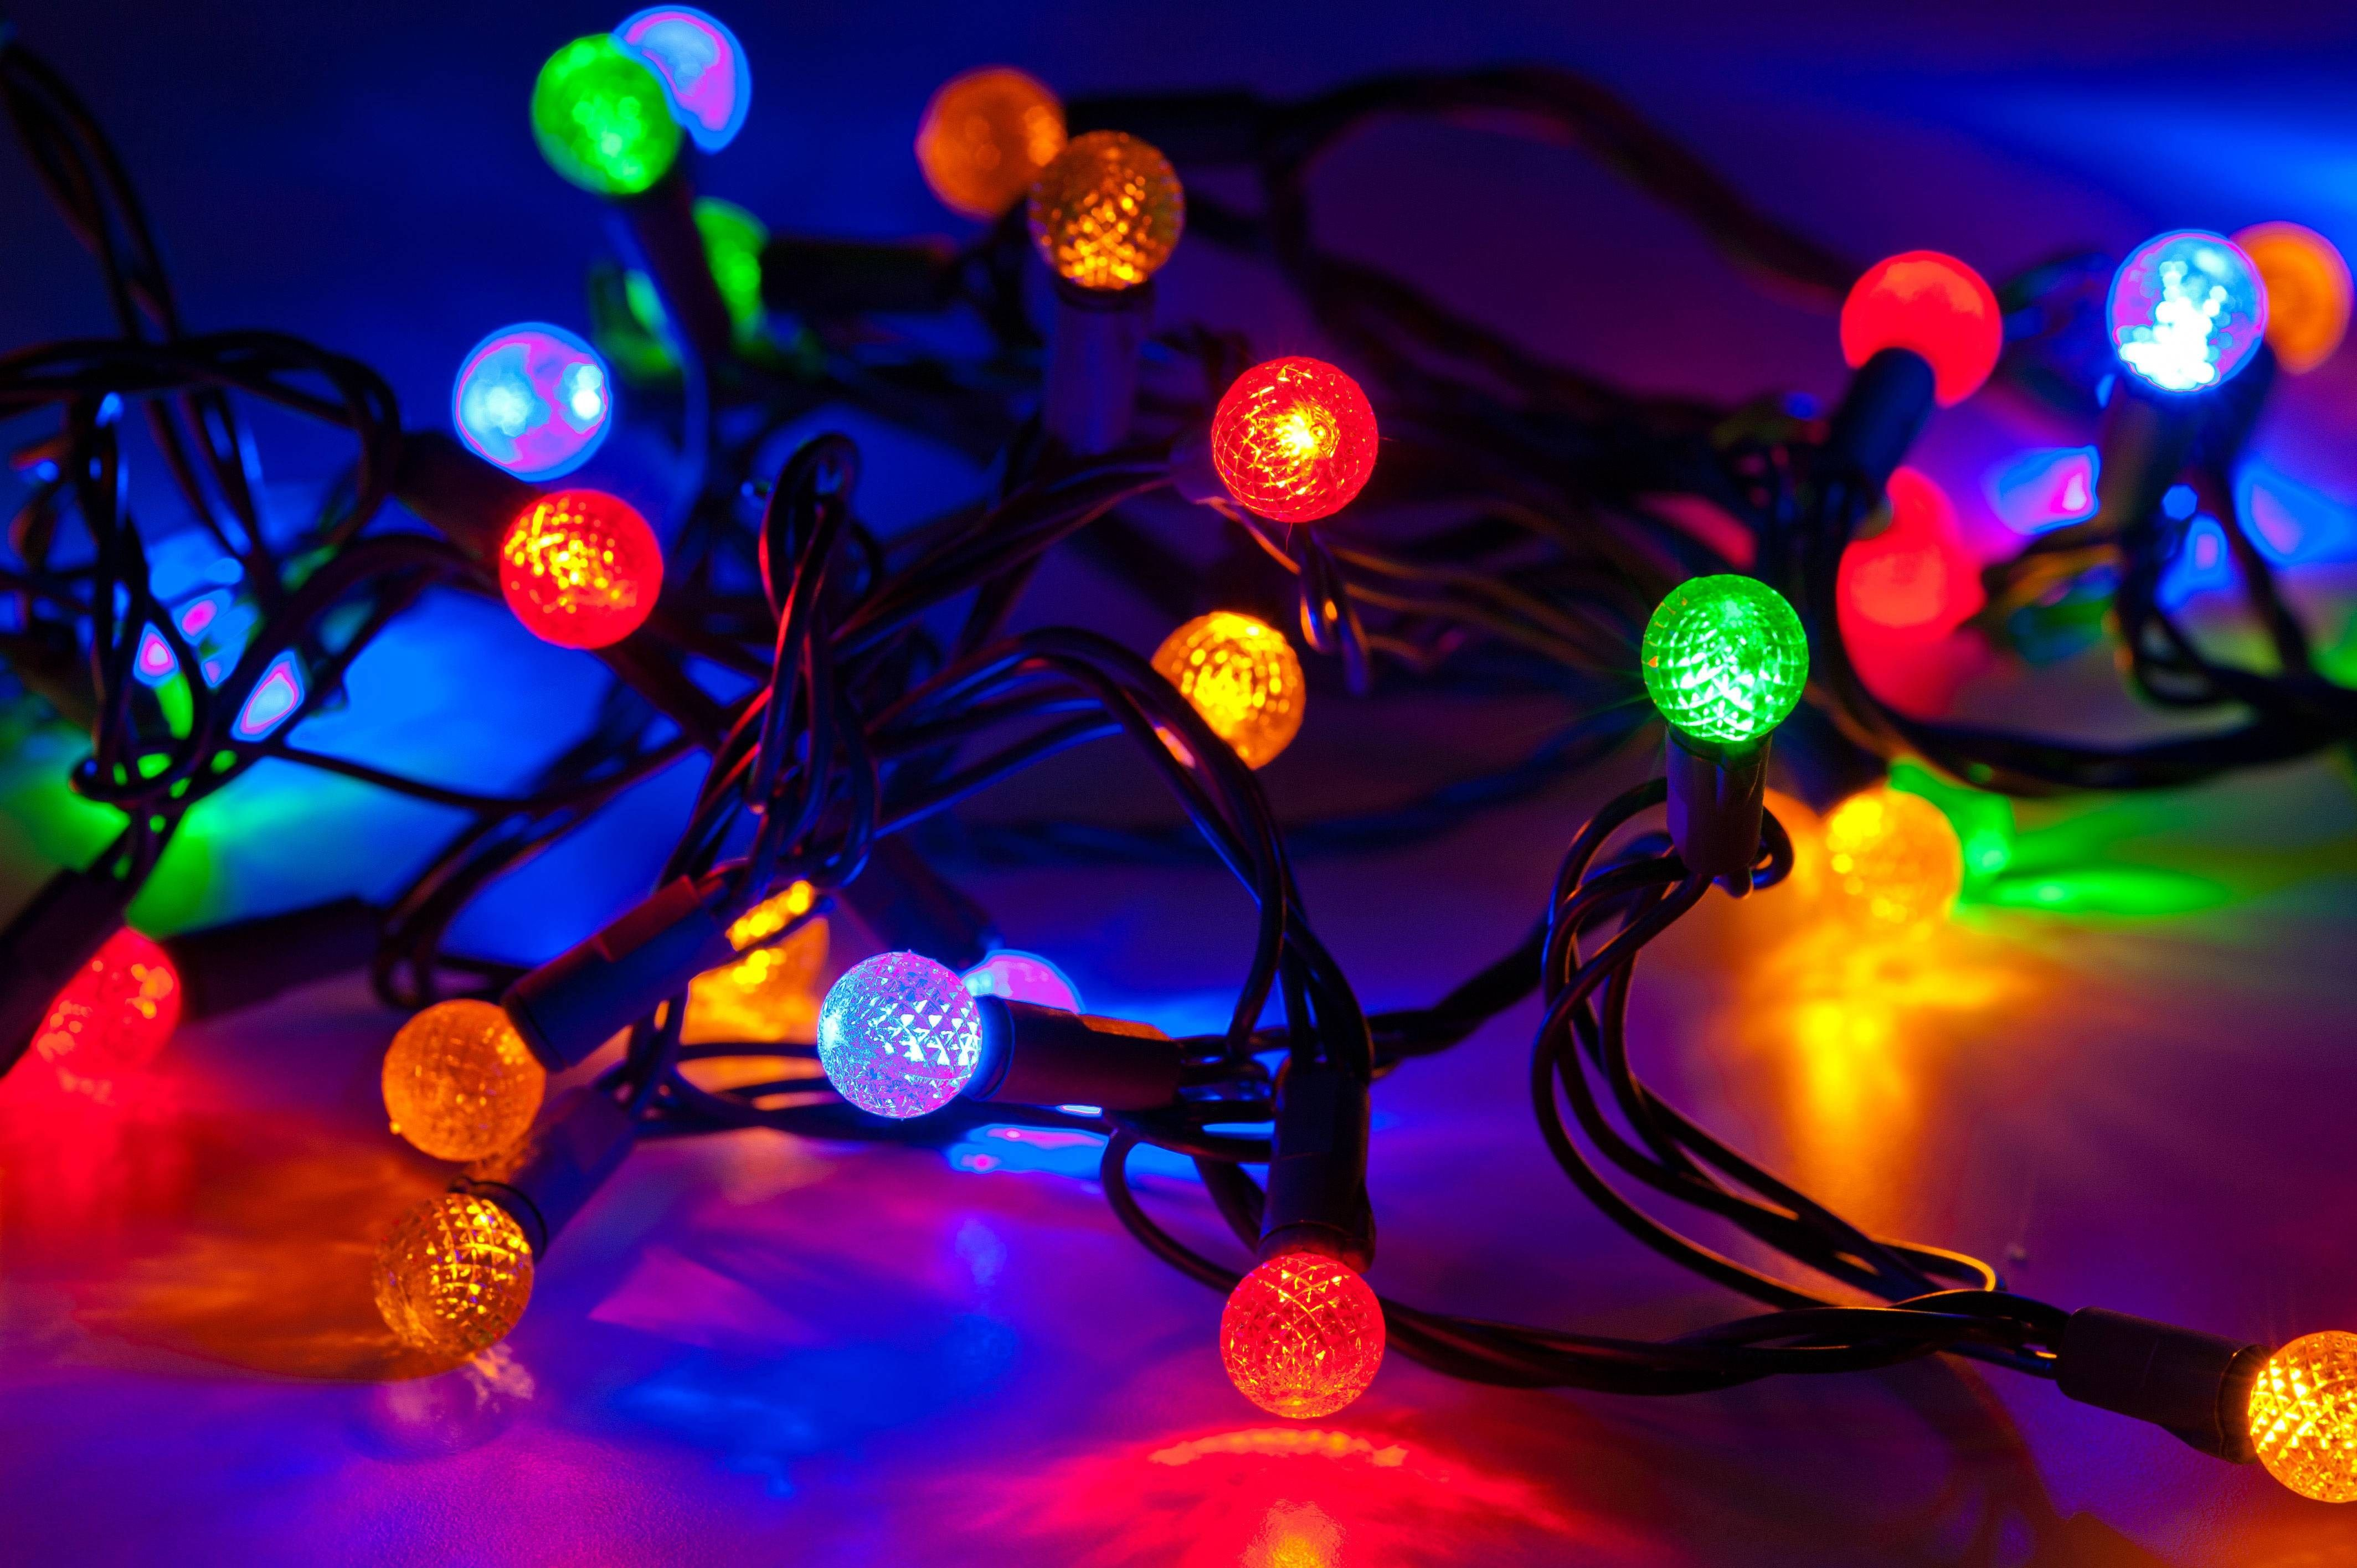 Free Hd Christmas Lights Wallpapers Desktop Christmas Lights Wallpaper Christmas Light Displays Christmas Lights